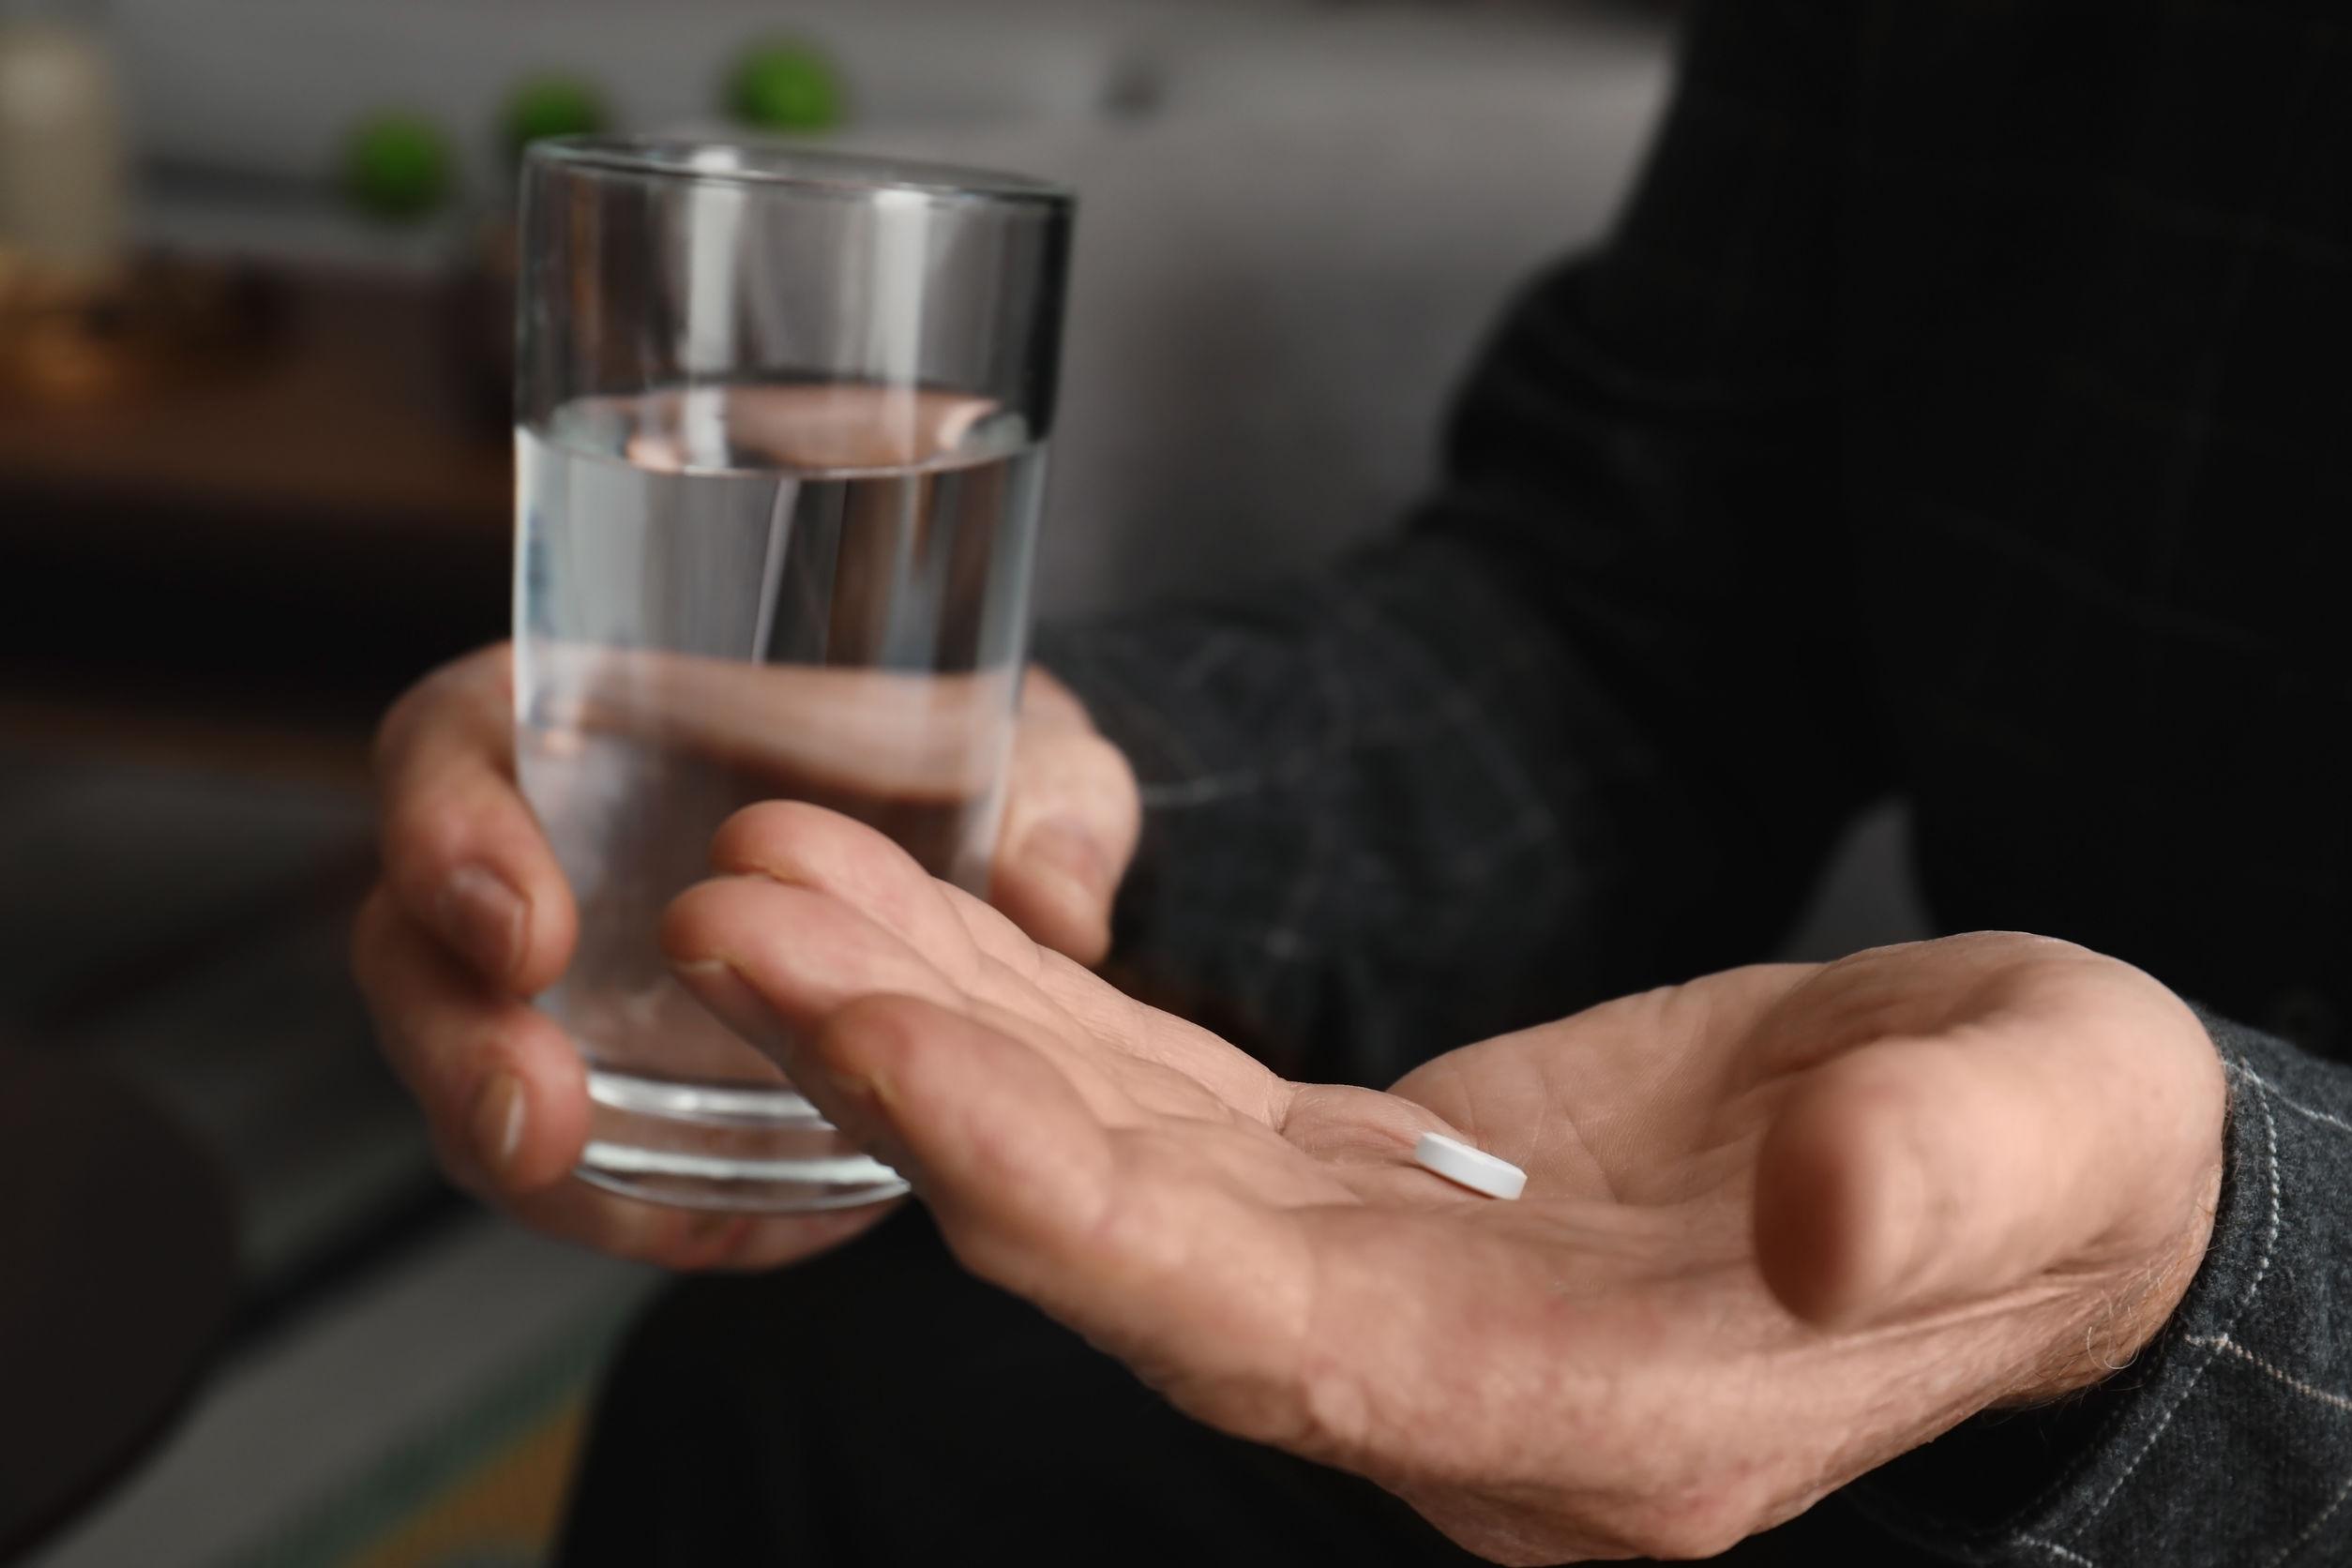 On prescrit trop d'antibiotiques et avec trop d'insouciance